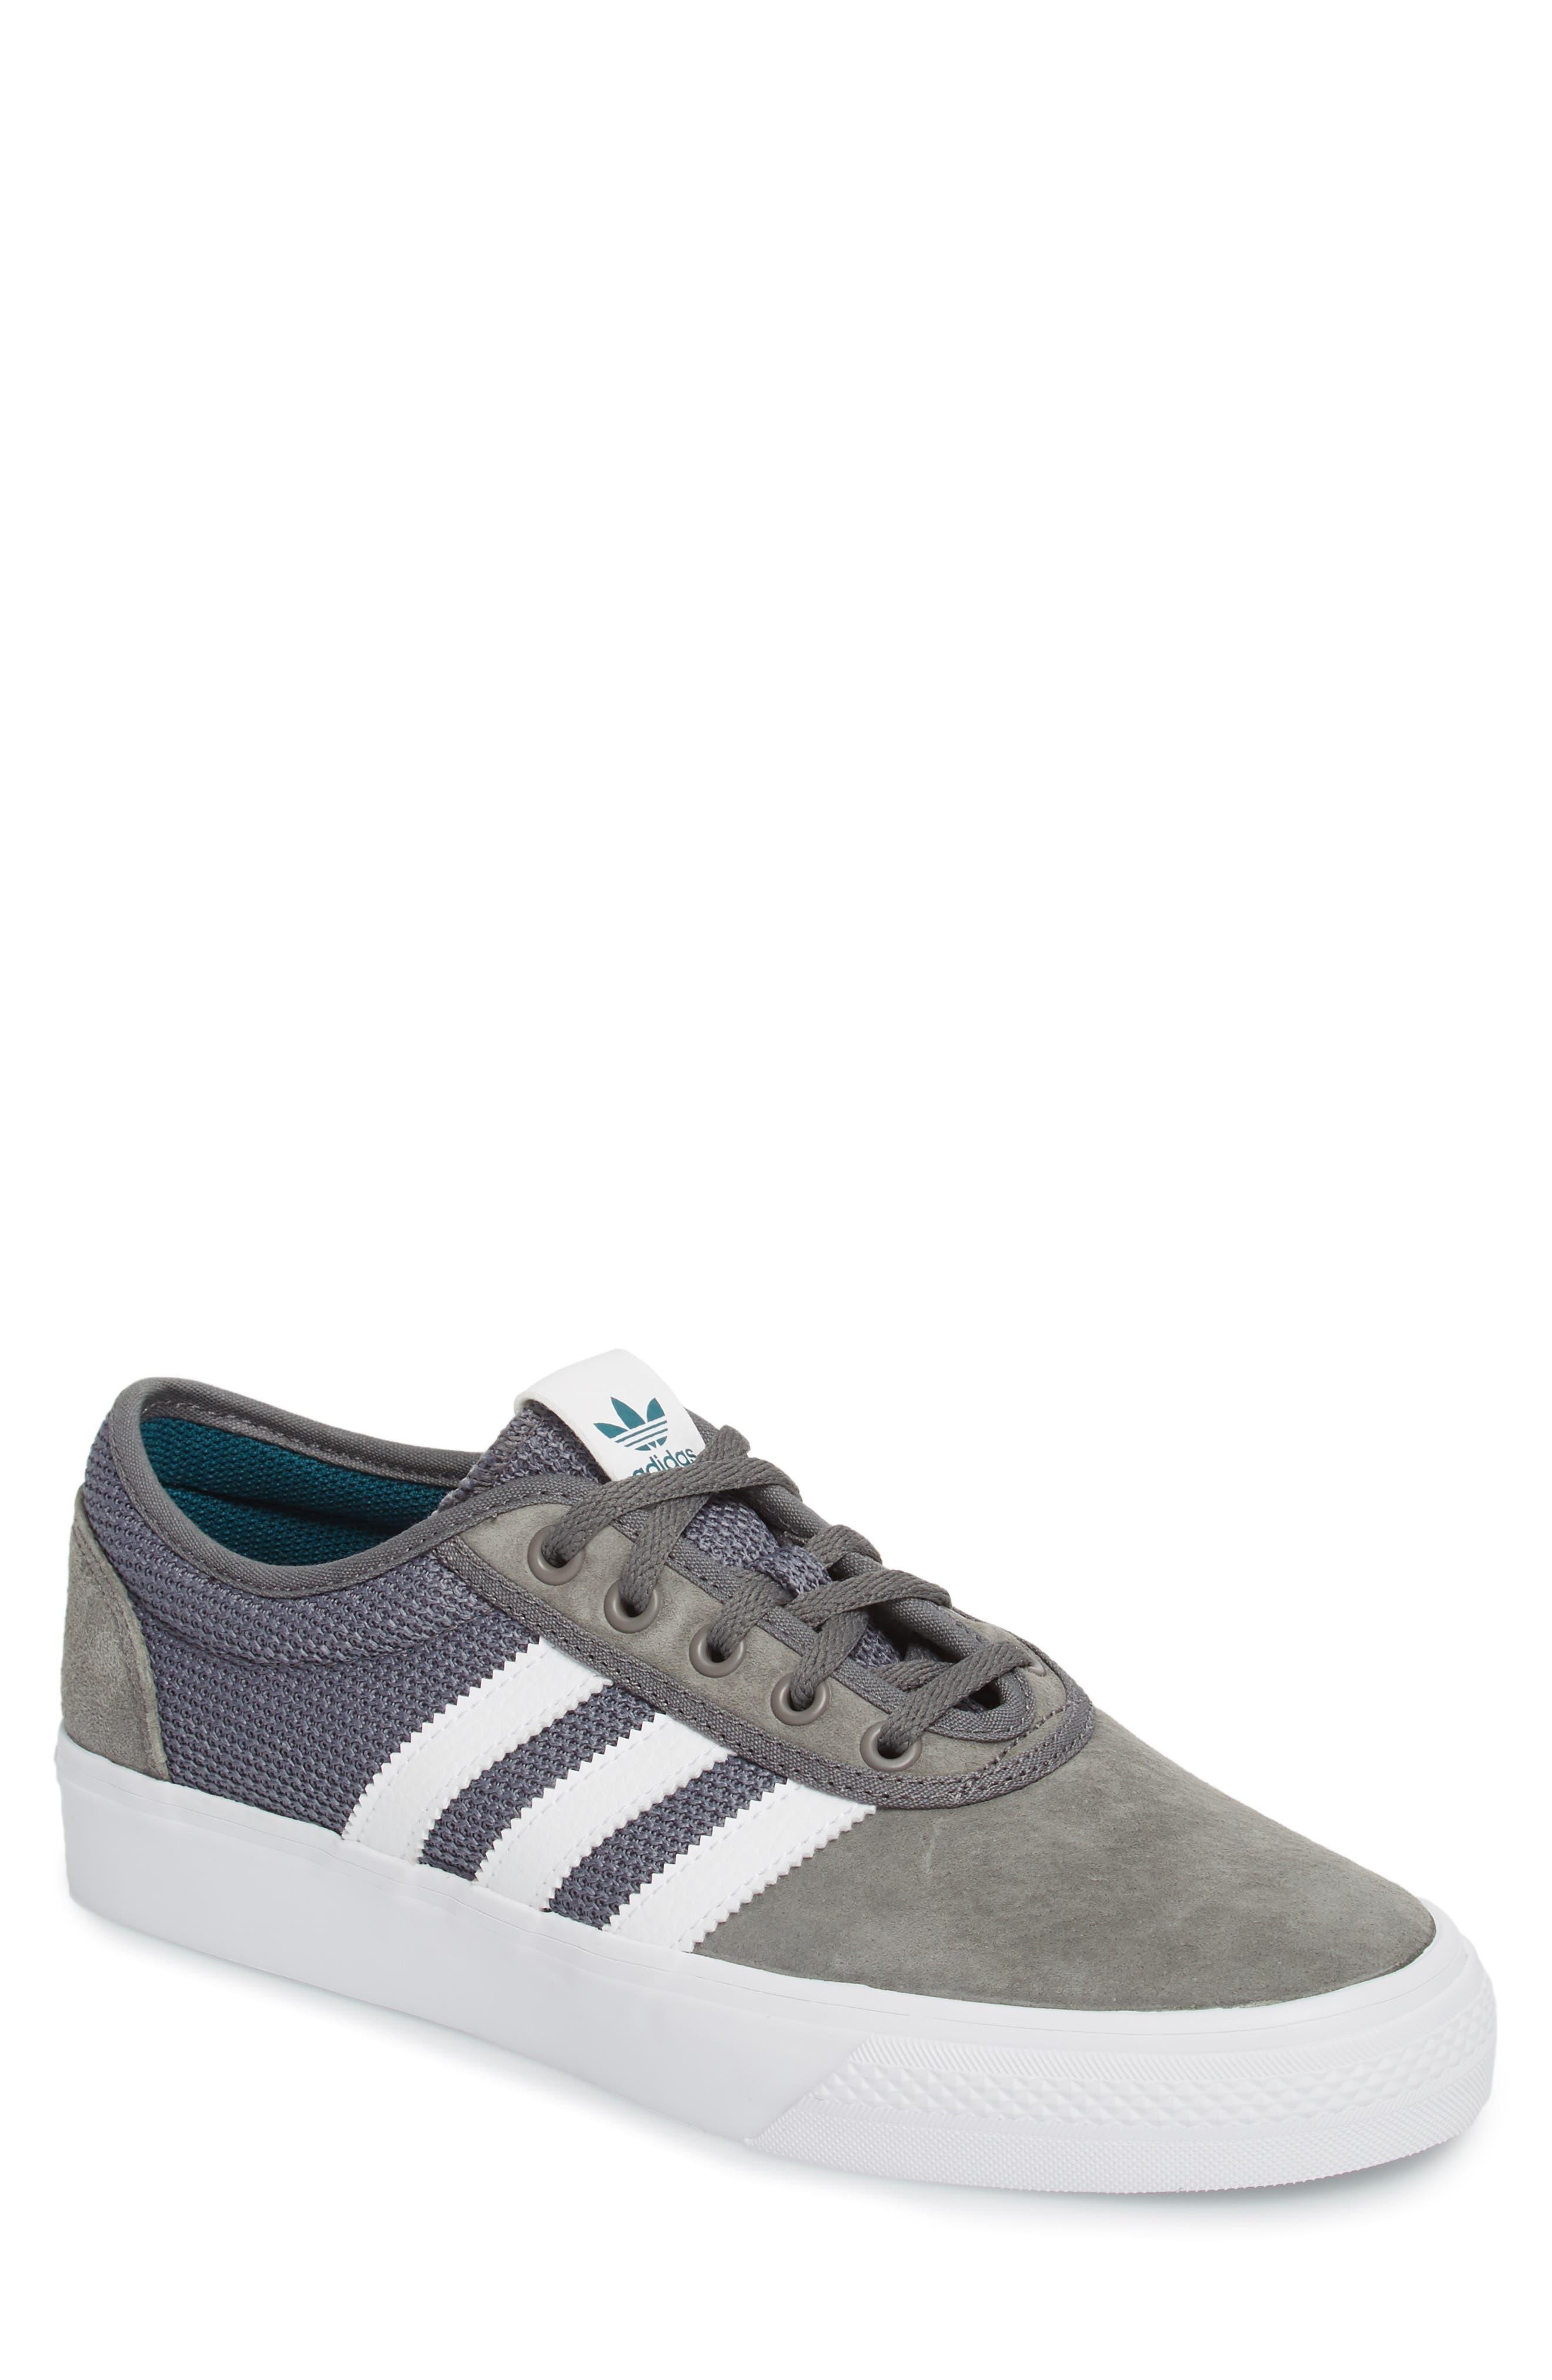 Adidas Originals  ADI-EASE SNEAKER